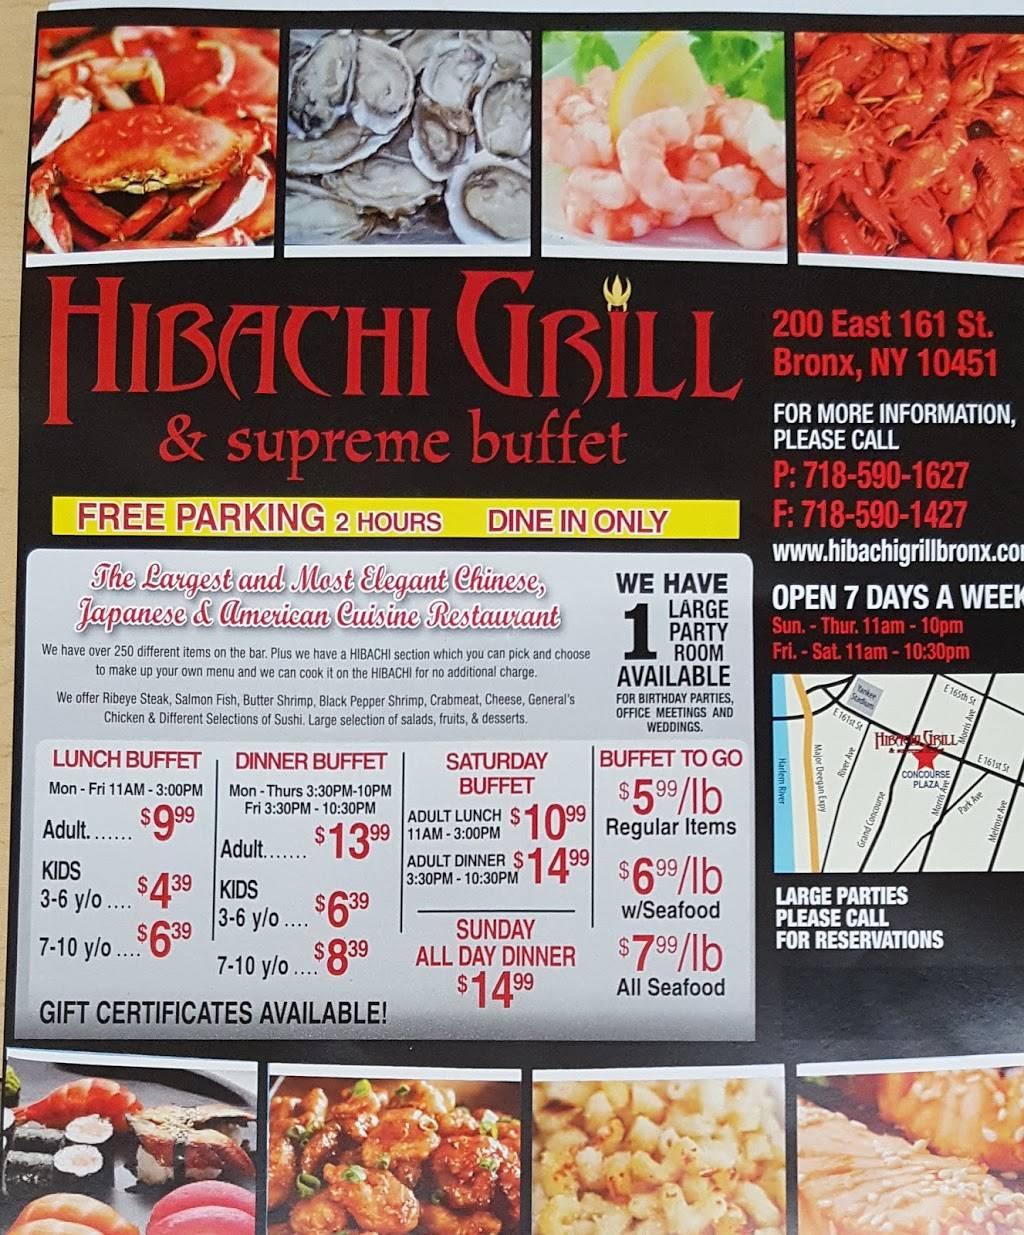 hibachi grill | restaurant | 200 E 161st St, Bronx, NY 10451, USA